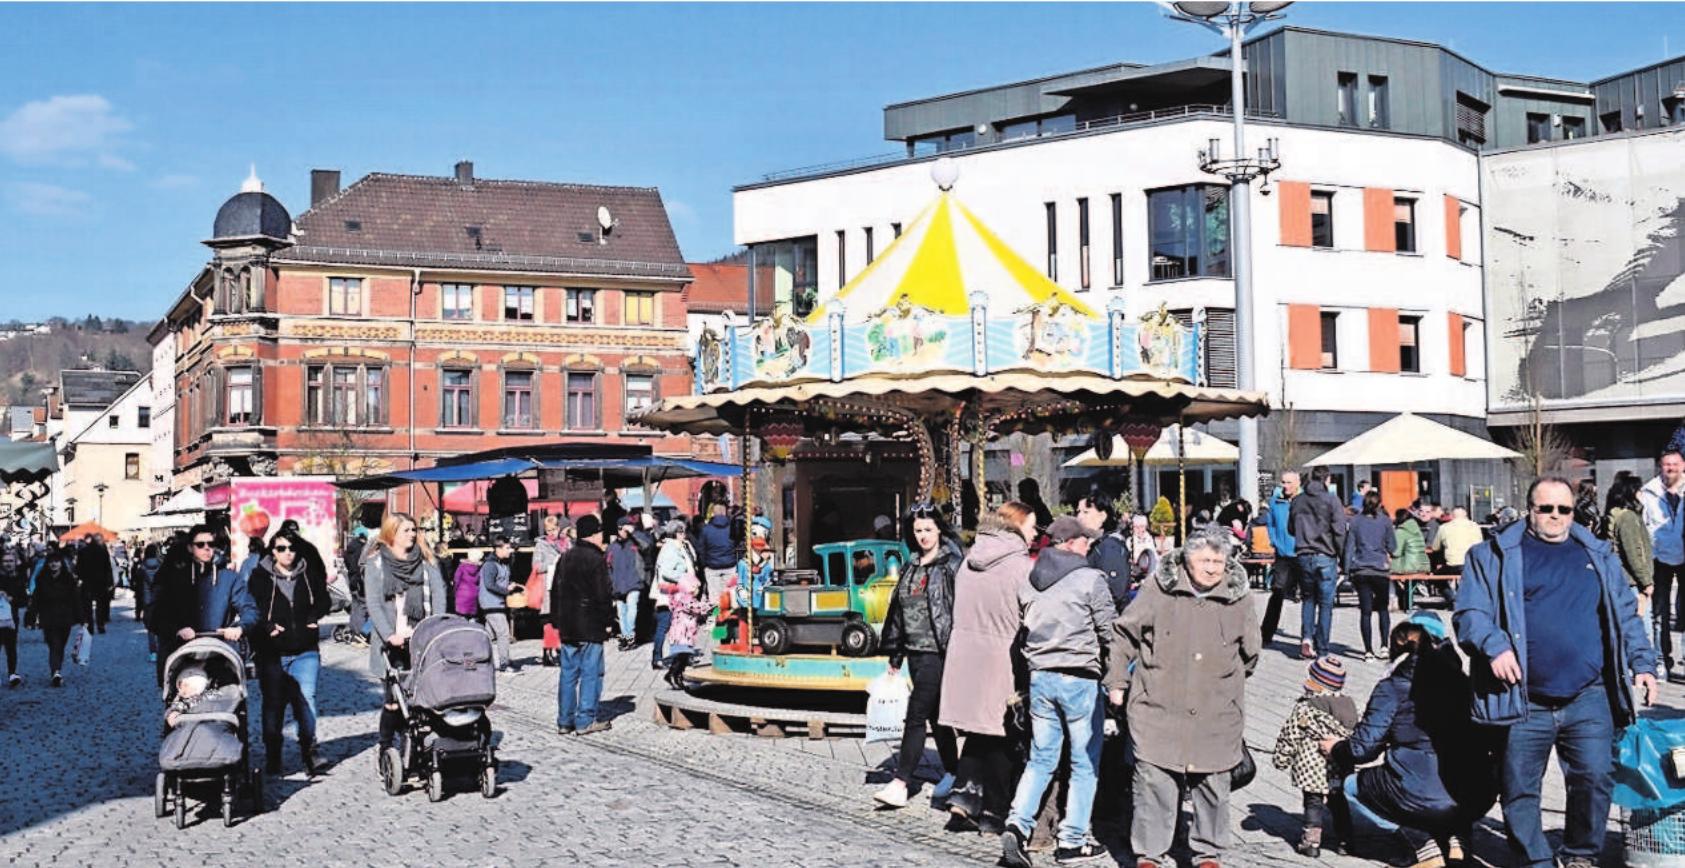 Herzlich willkommen zum Ostermarkt in Sonneberg. Foto: Stadtverwaltung